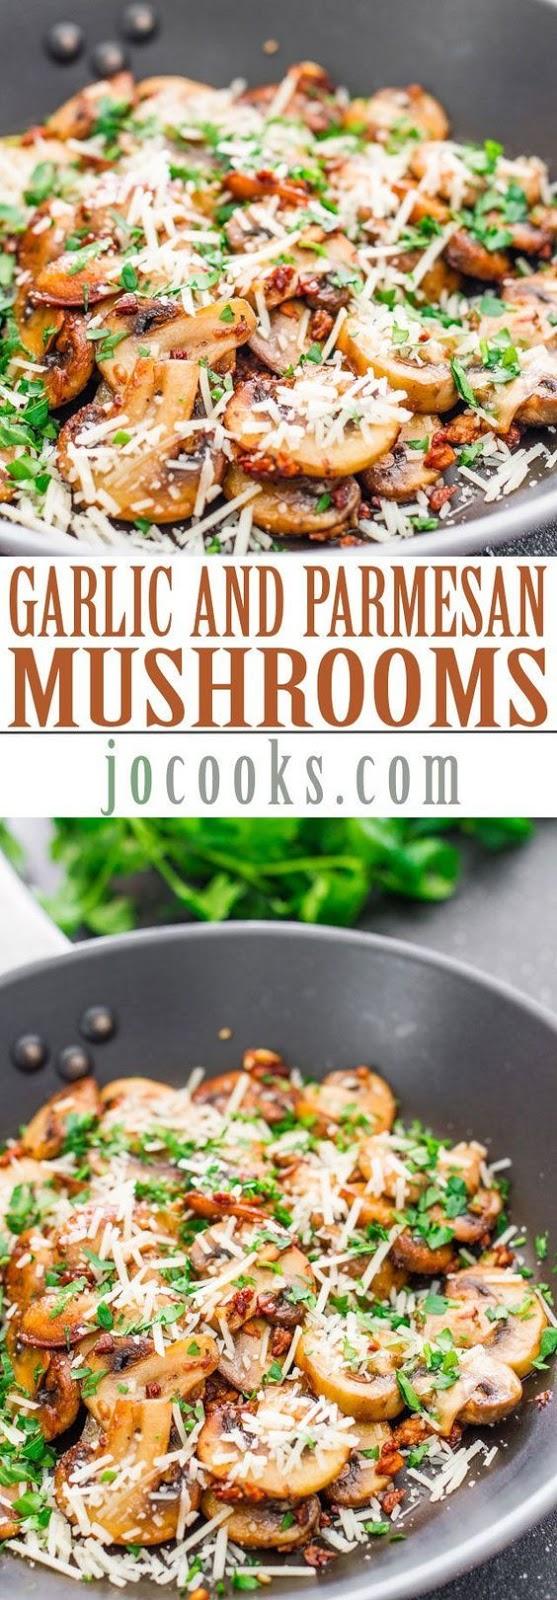 Keto Sauteed Garlic and Parmesan Mushroomsac